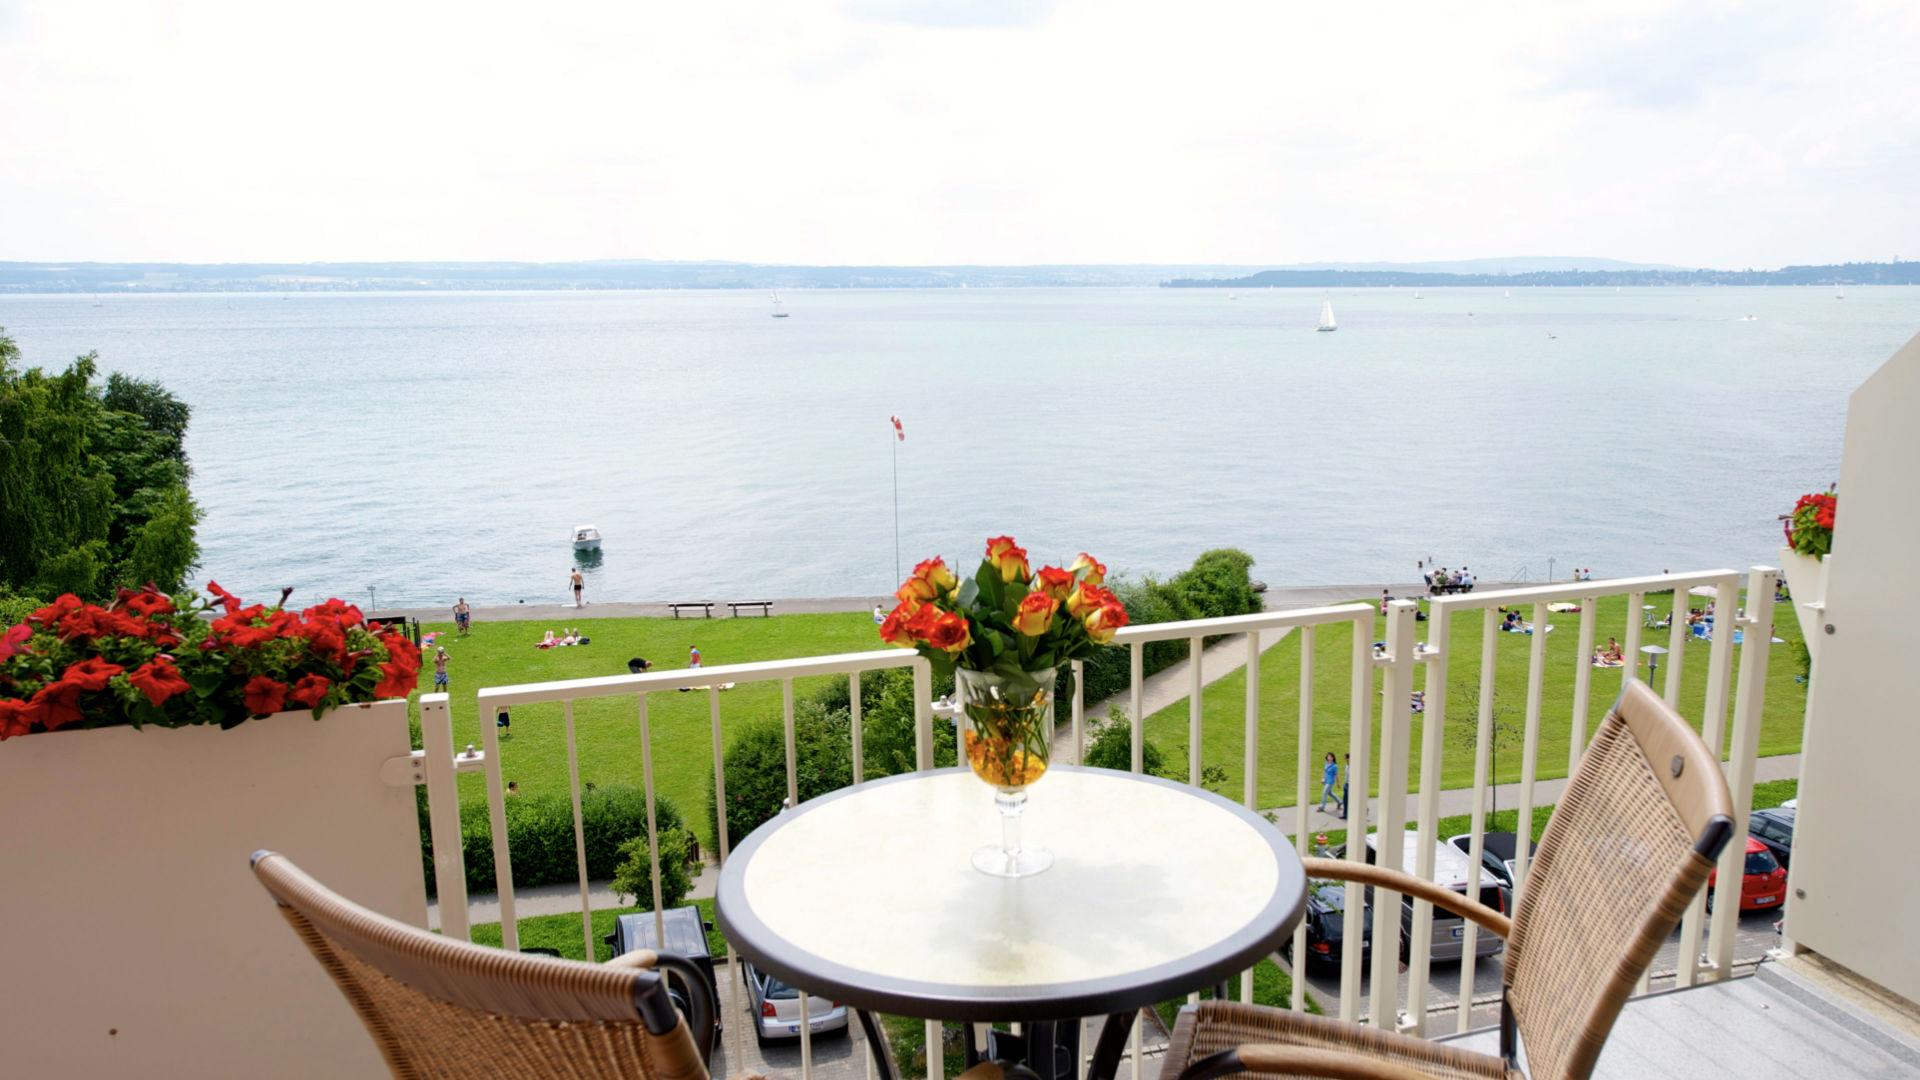 Blick vom Balkon der Juniorsuite des See Hotel Off auf den Bodensee